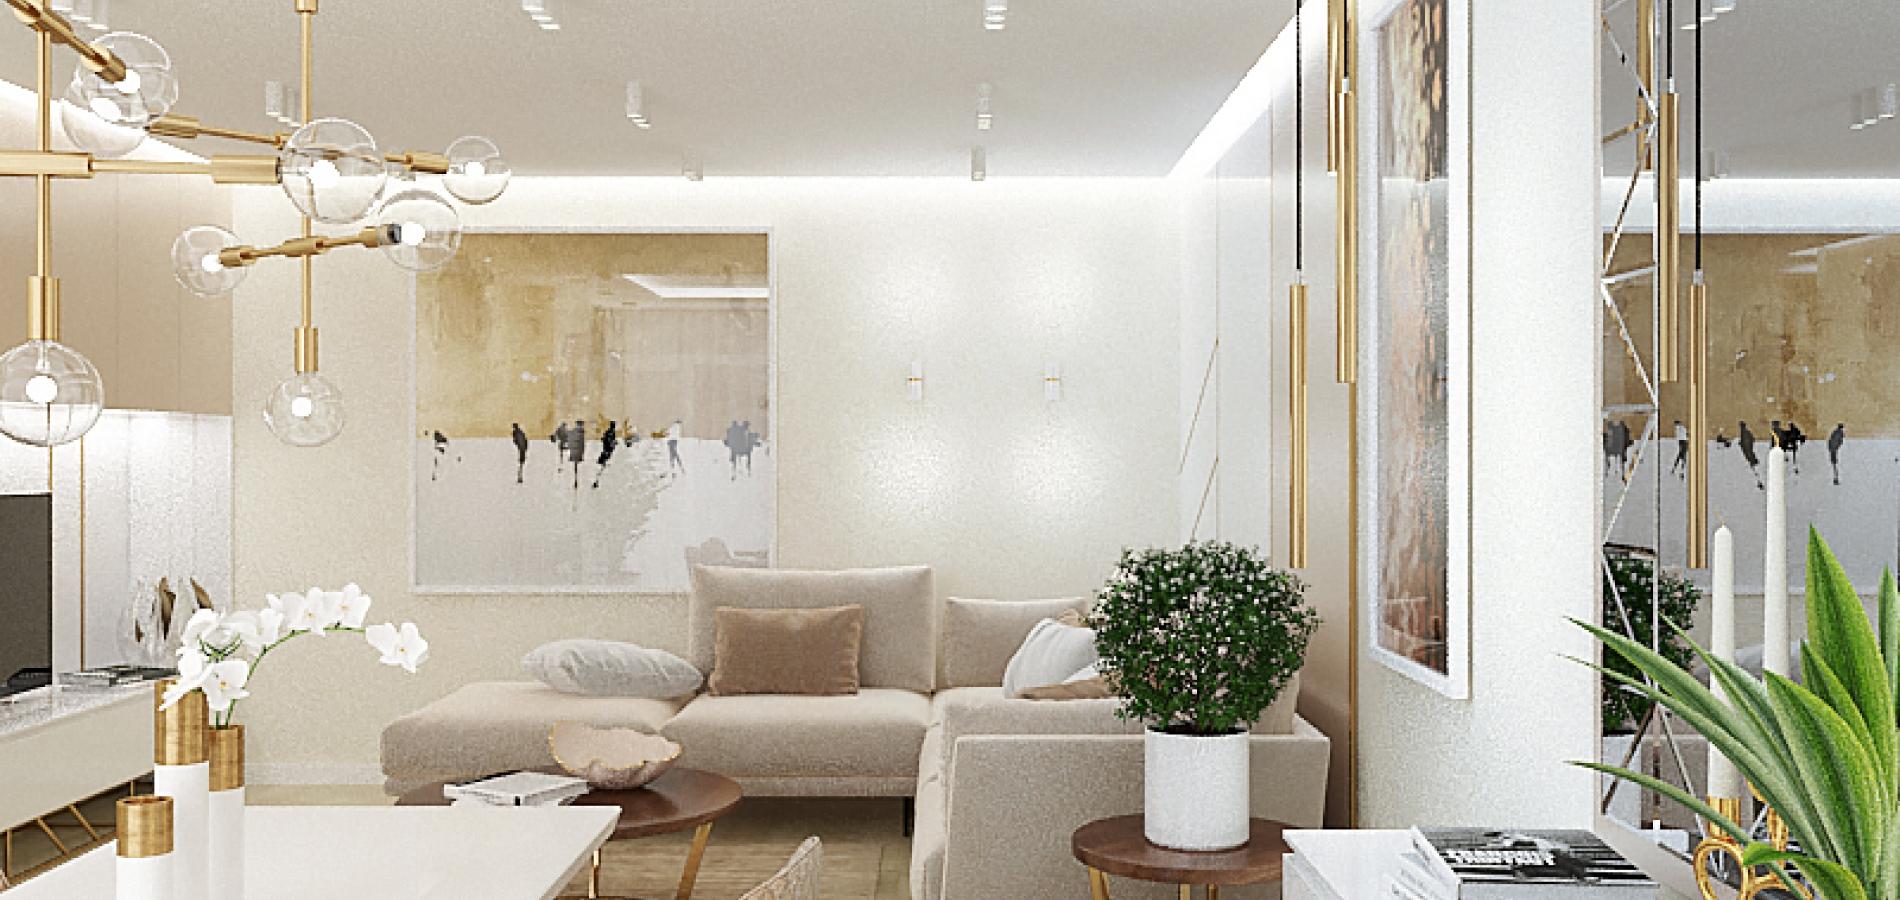 Ексклюзивні меблі для квартири